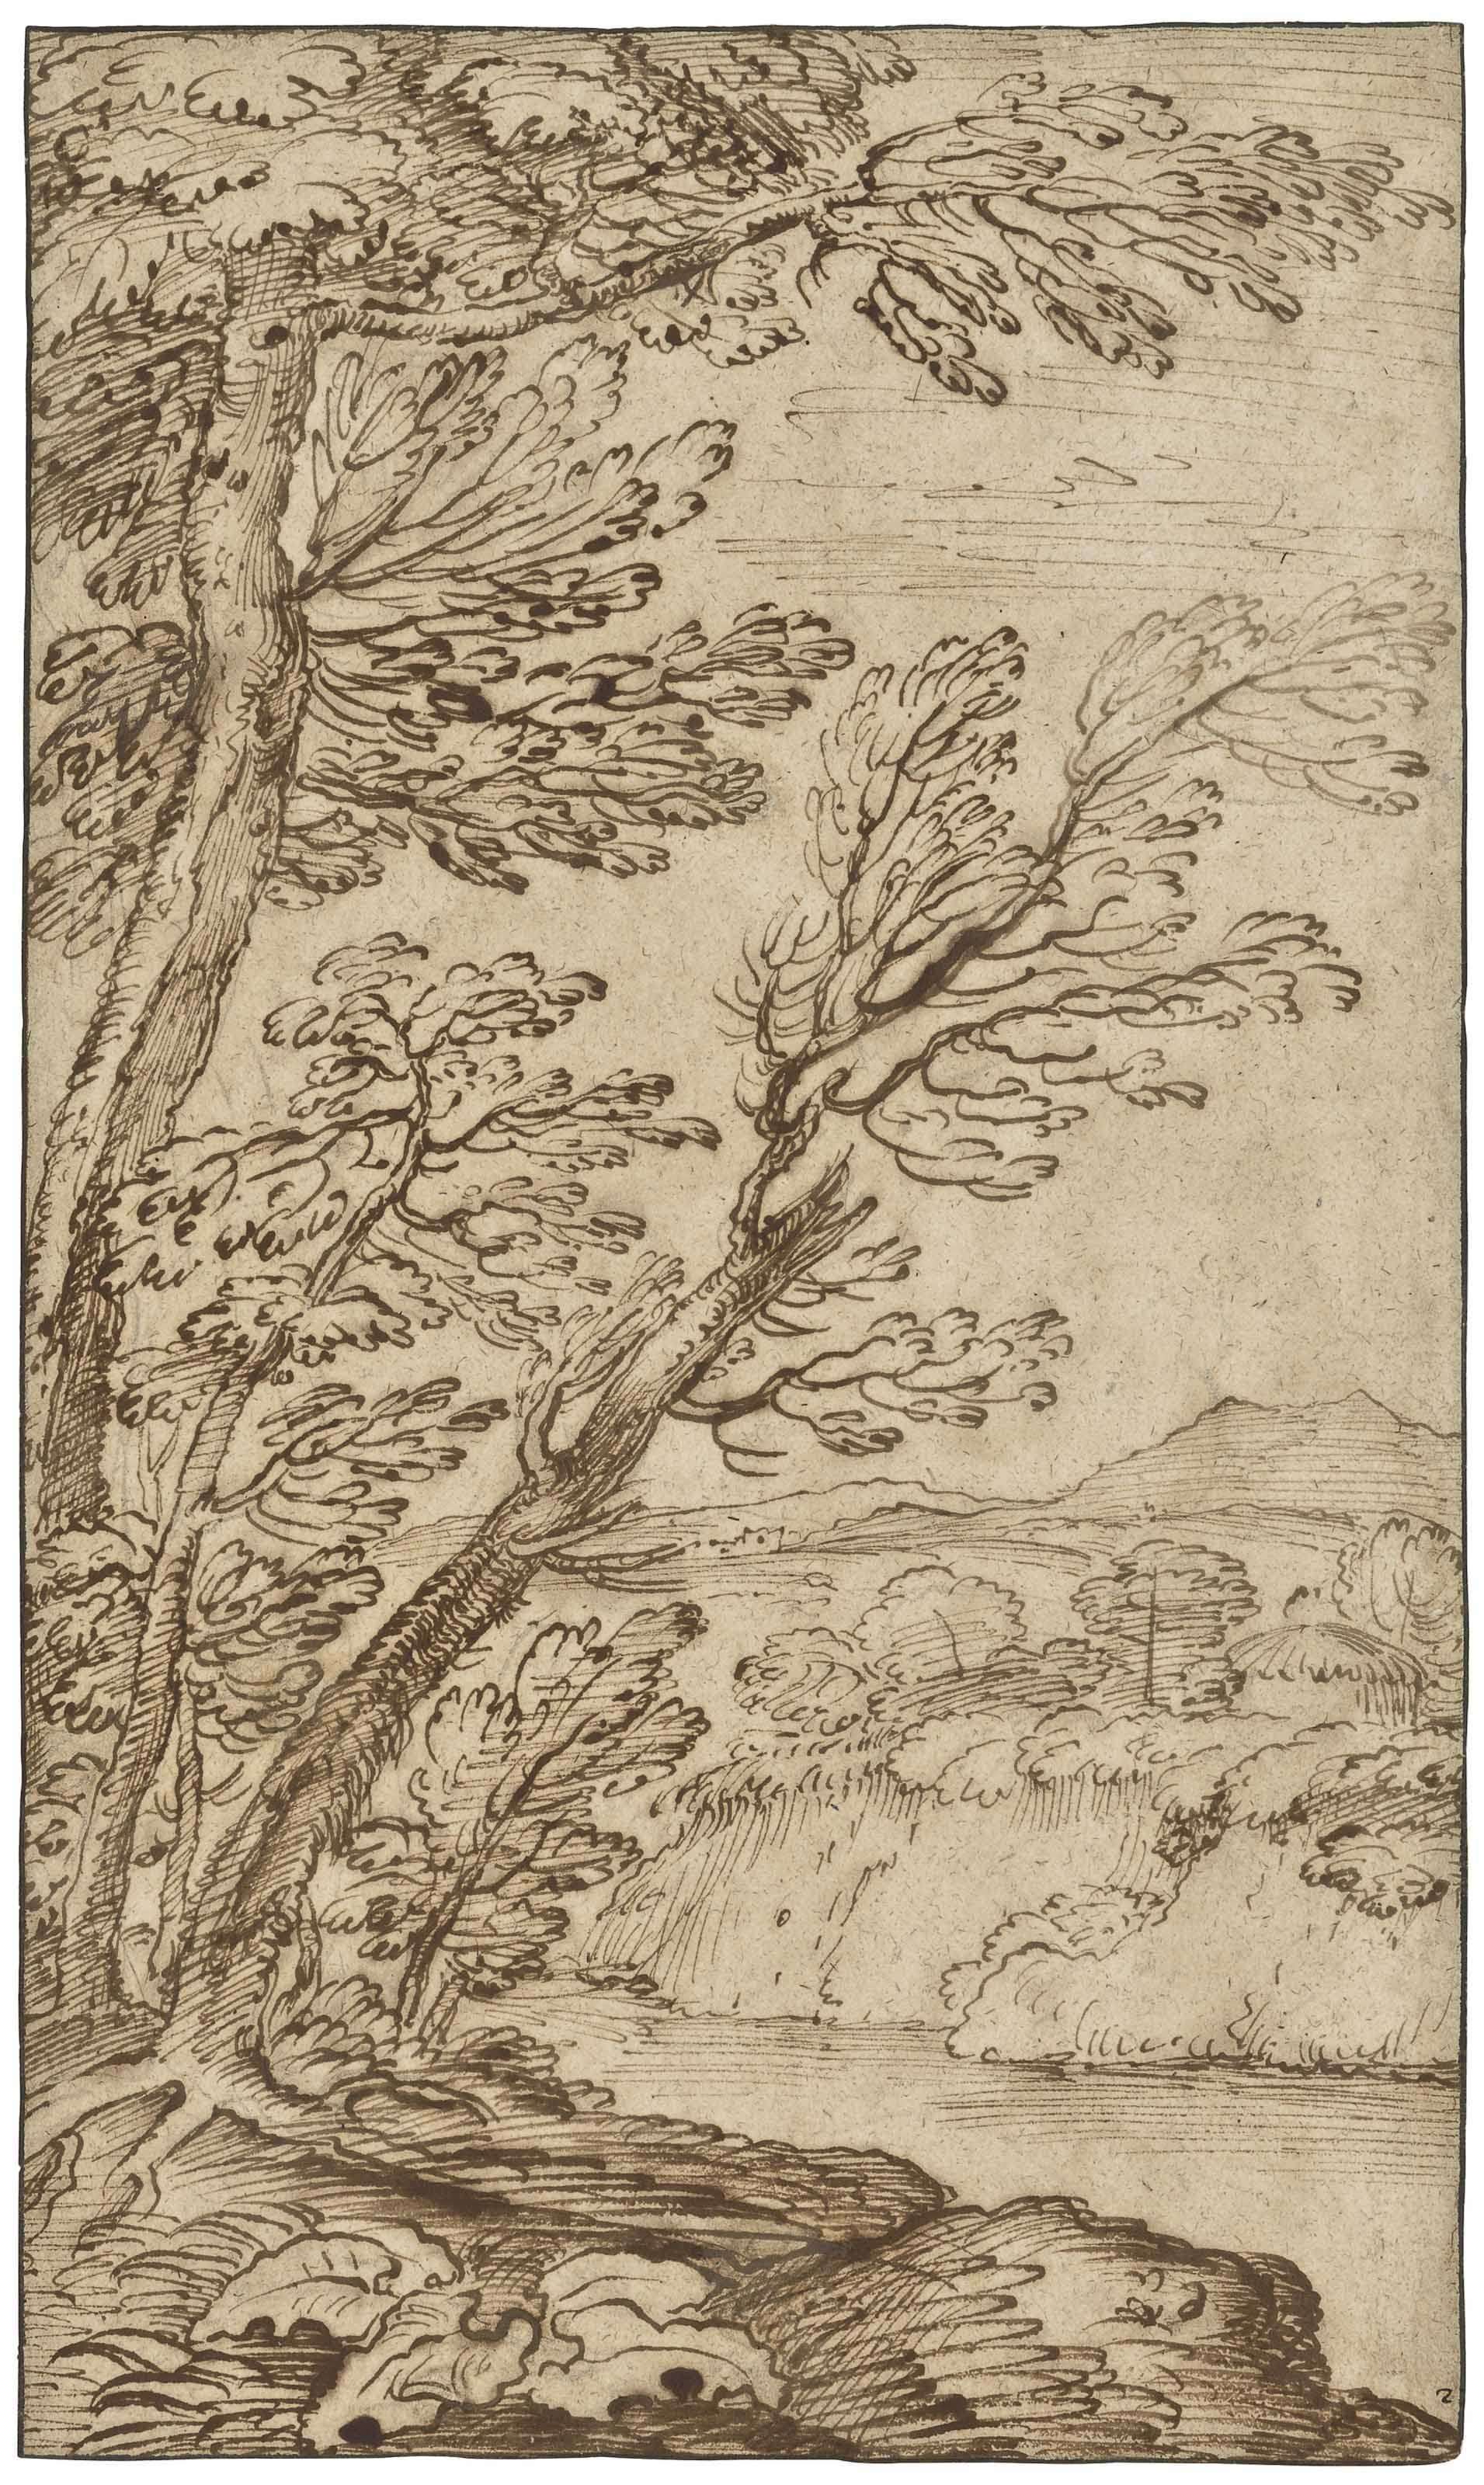 Giovanni Francesco Grimaldi, called il Bolognese (Bologna 1606-1680 Rome)